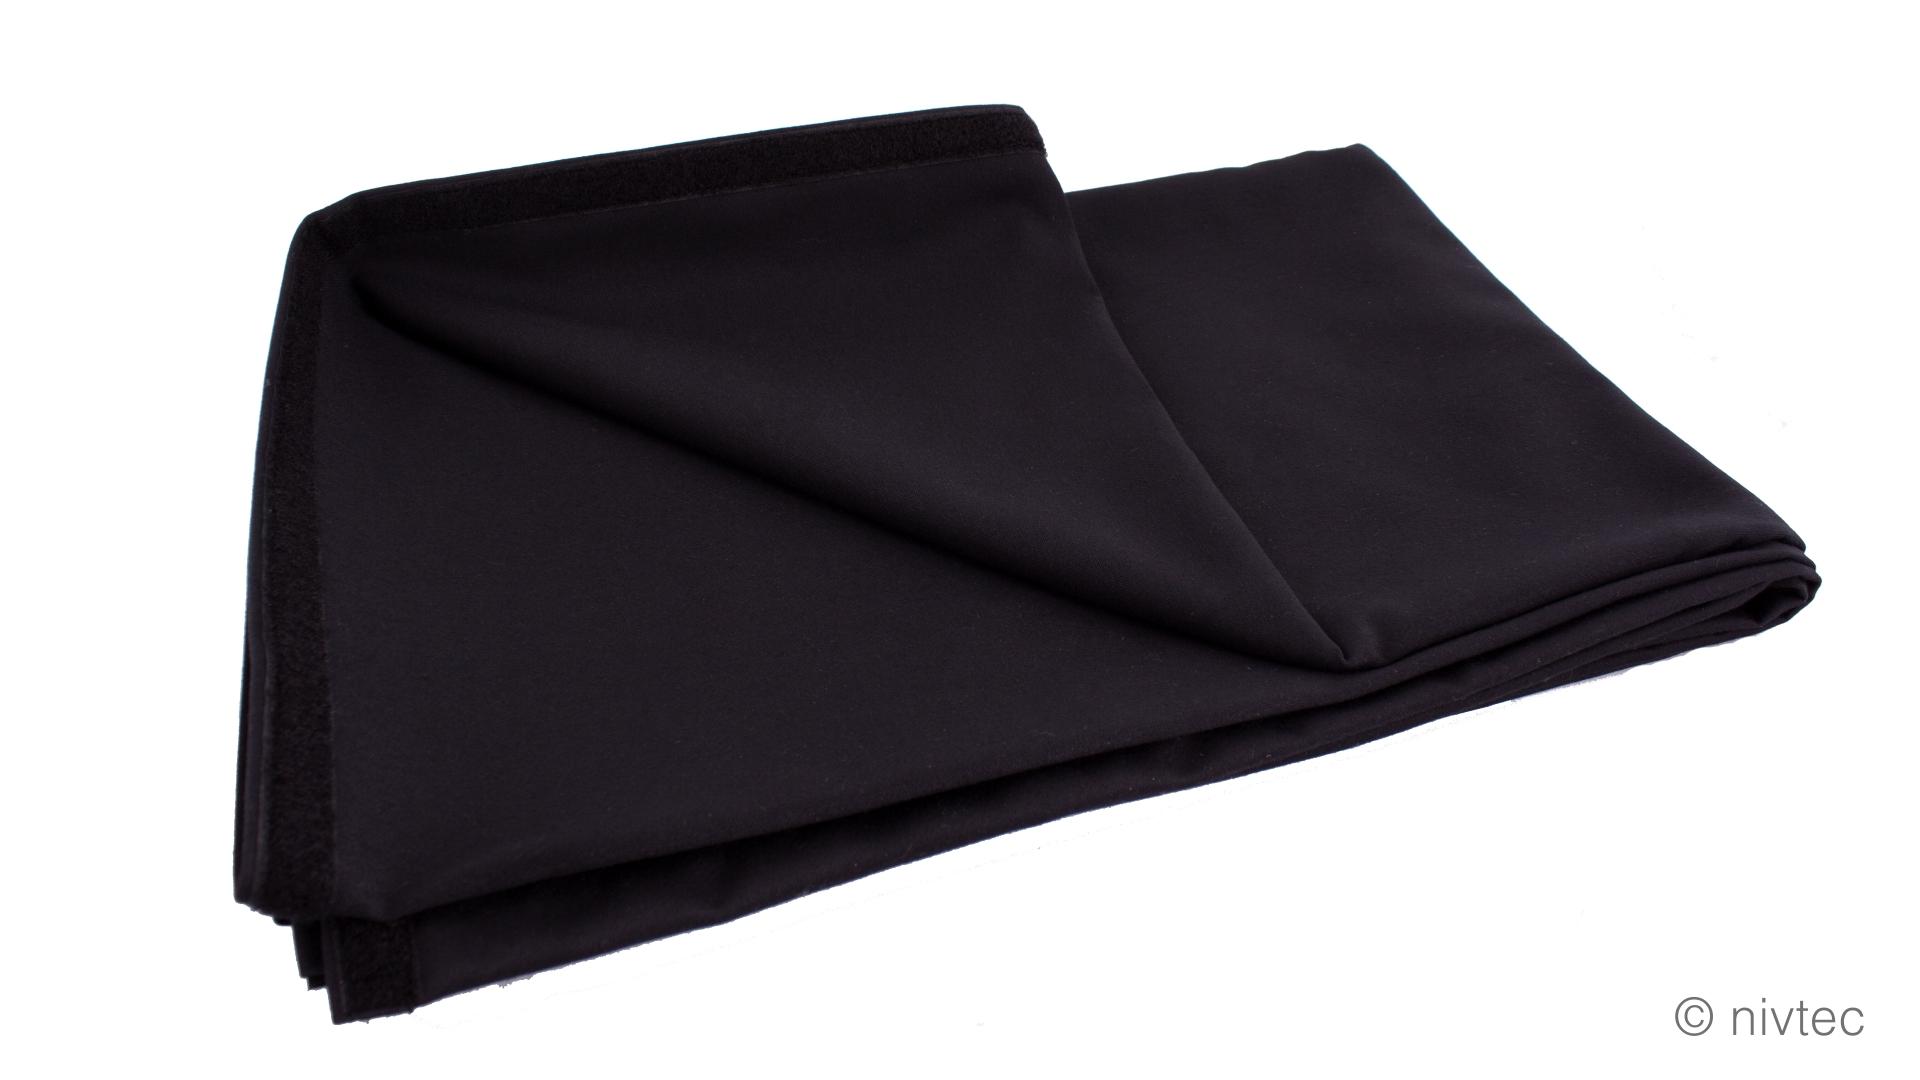 nivtec 5.2.1 Textilverblendung schwarz